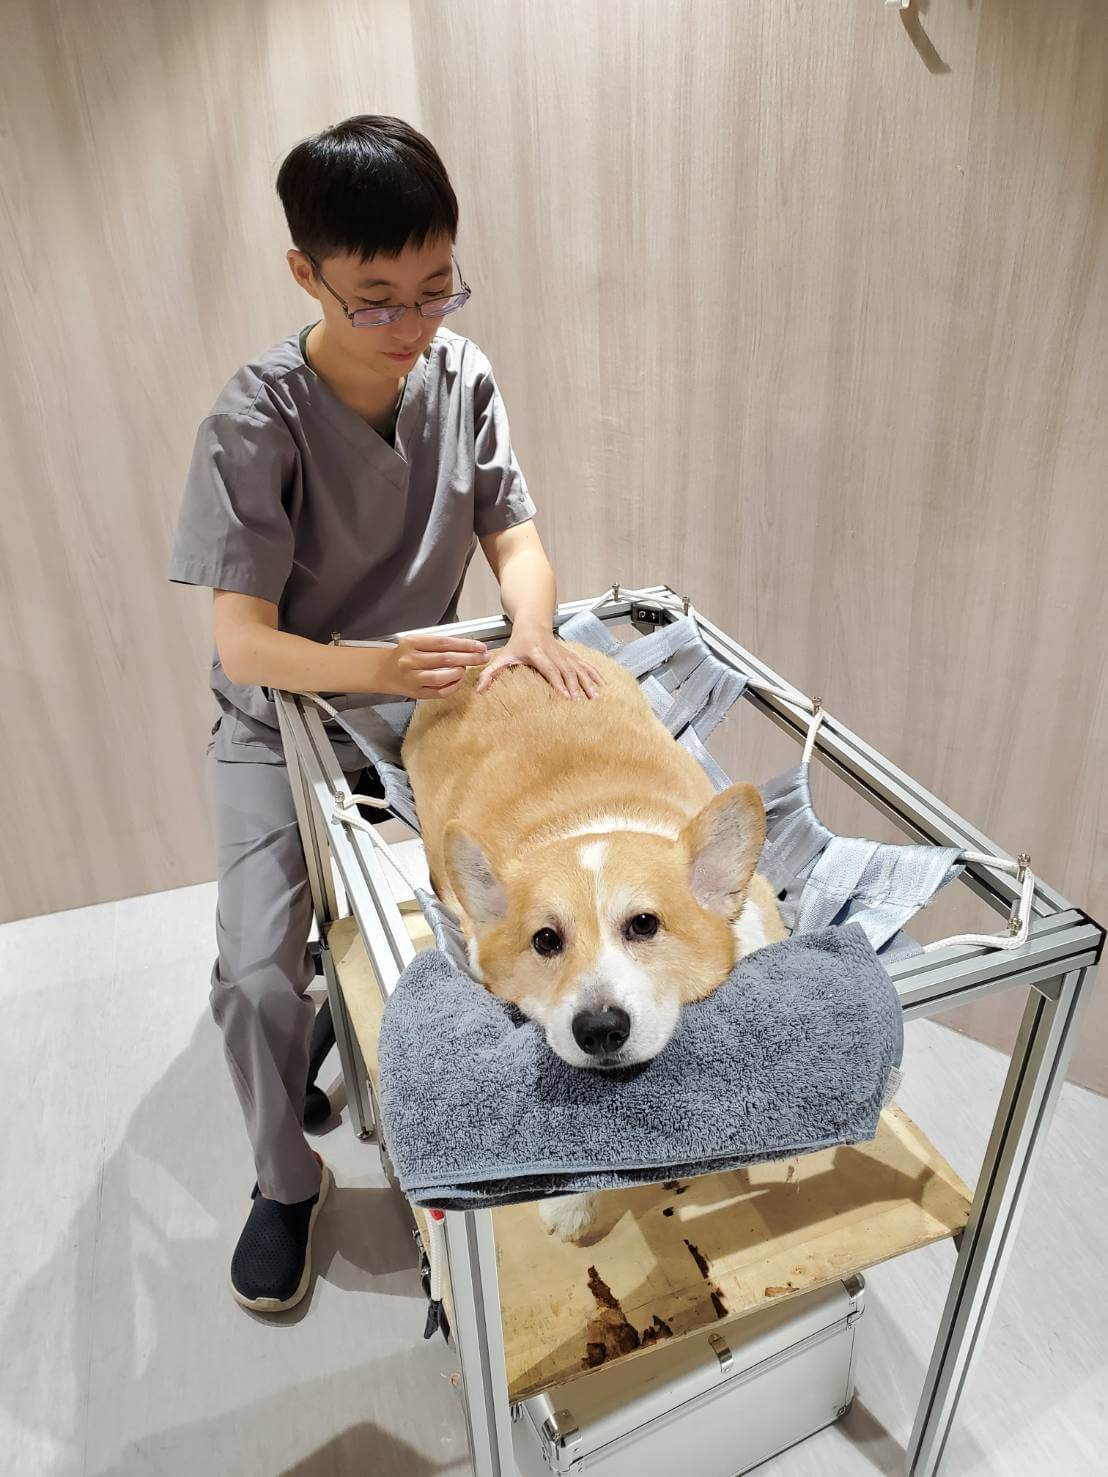 人類、動物針灸基礎理論大致相同